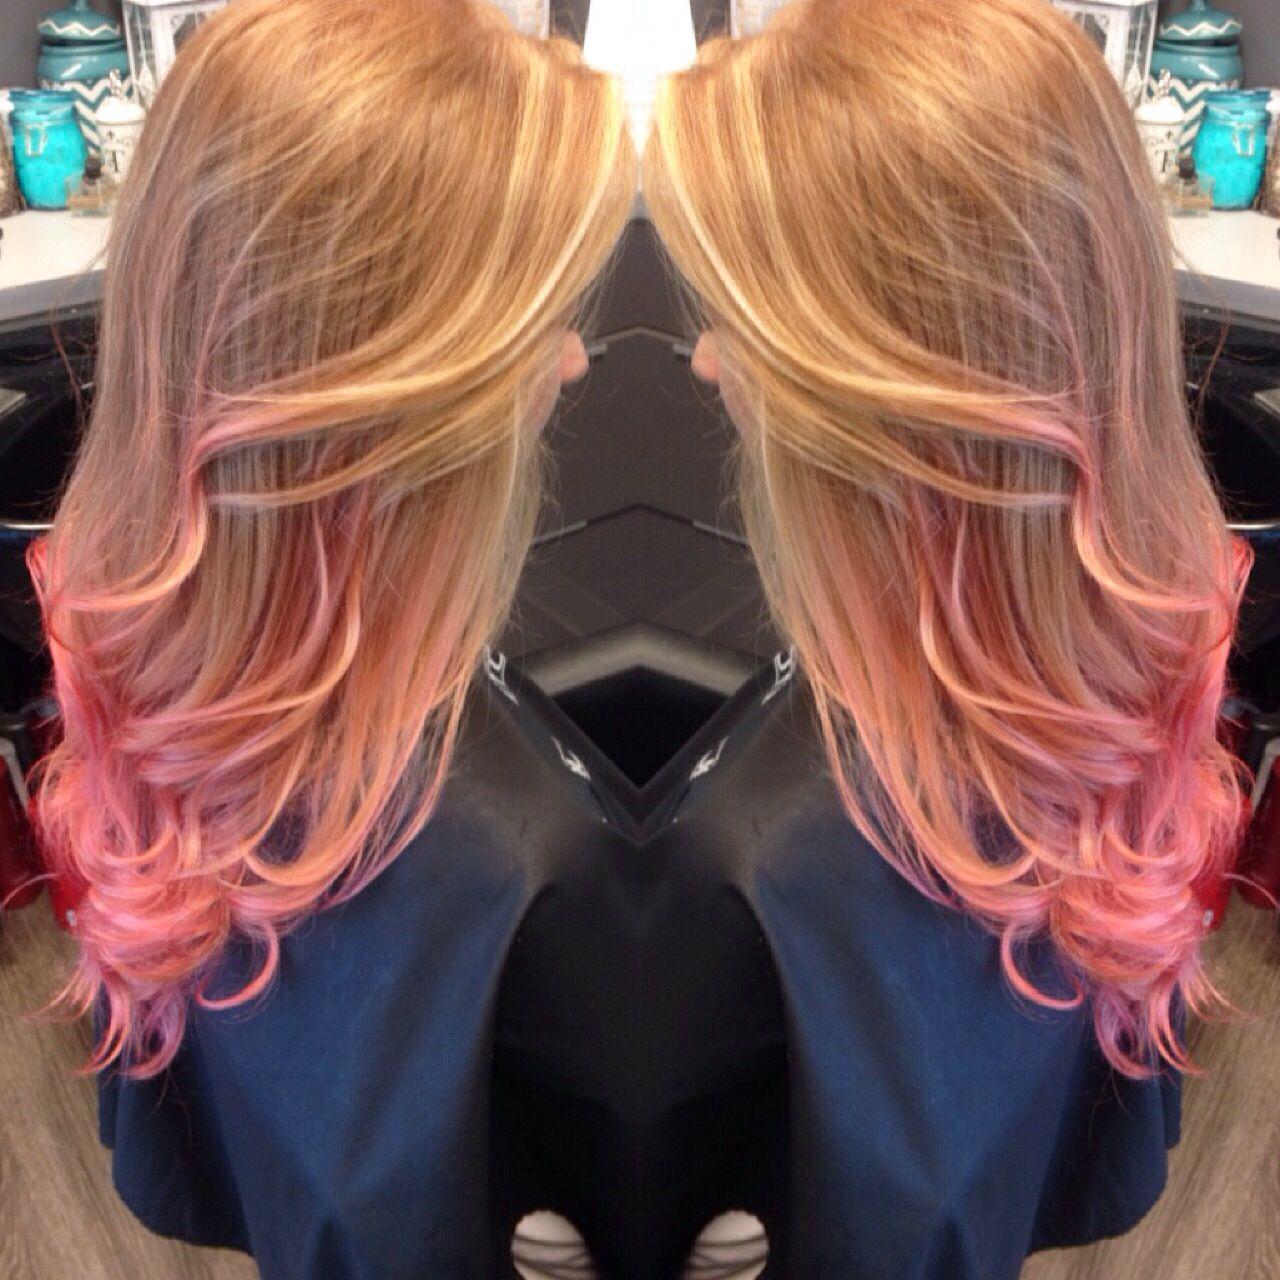 ginger hair pink tips dip dye